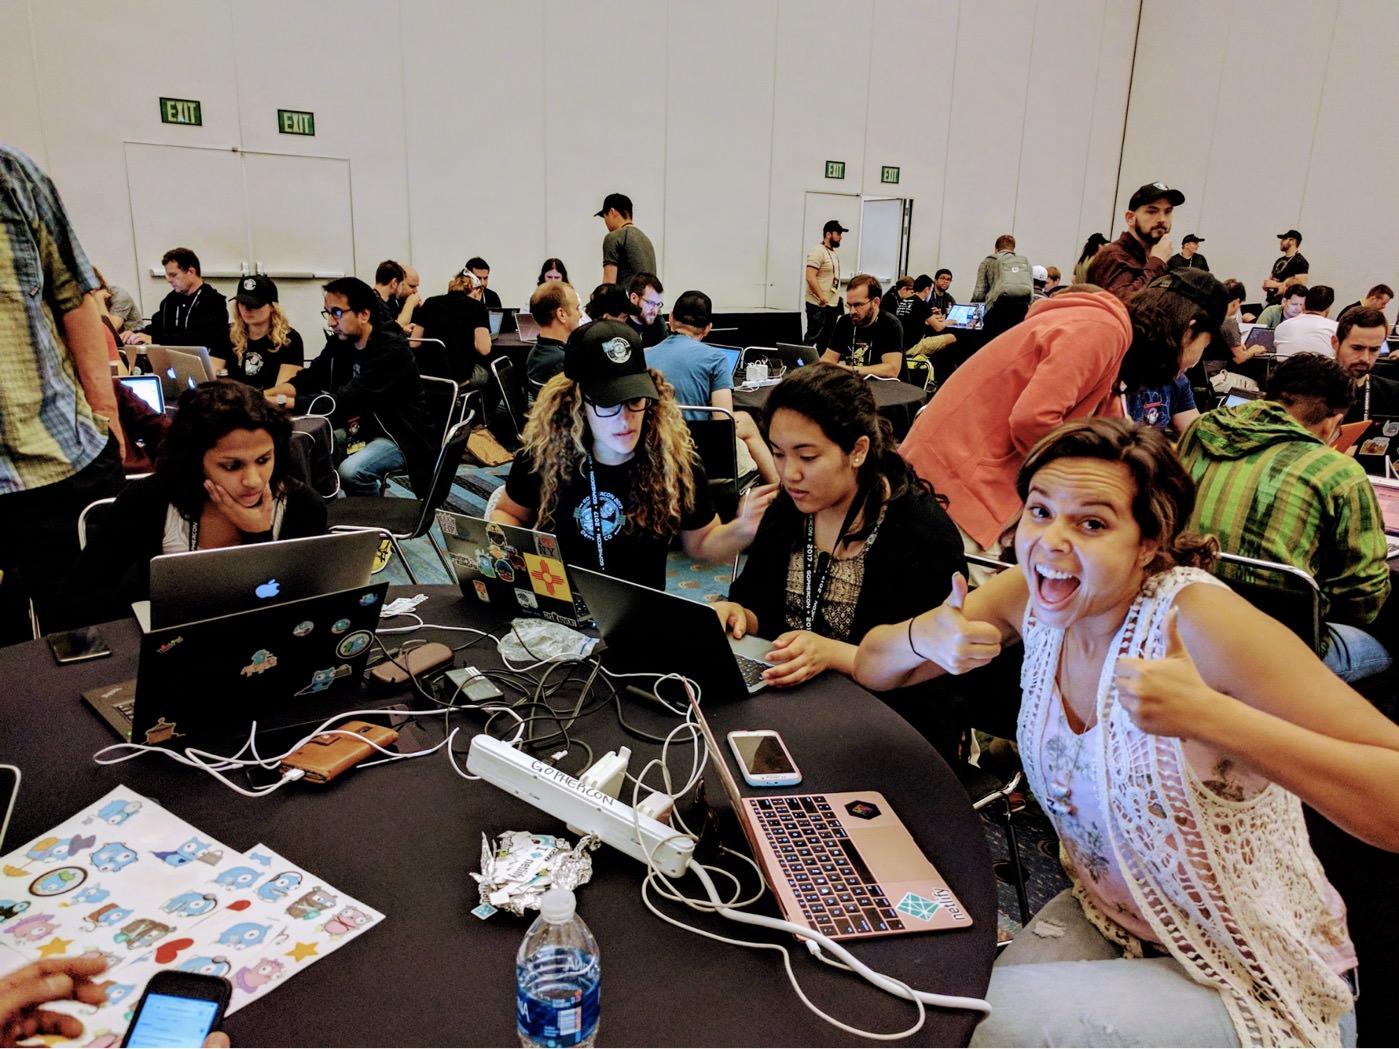 Contribution Workshop - The Go Blog - image18 - Contribution Workshop – The Go Blog